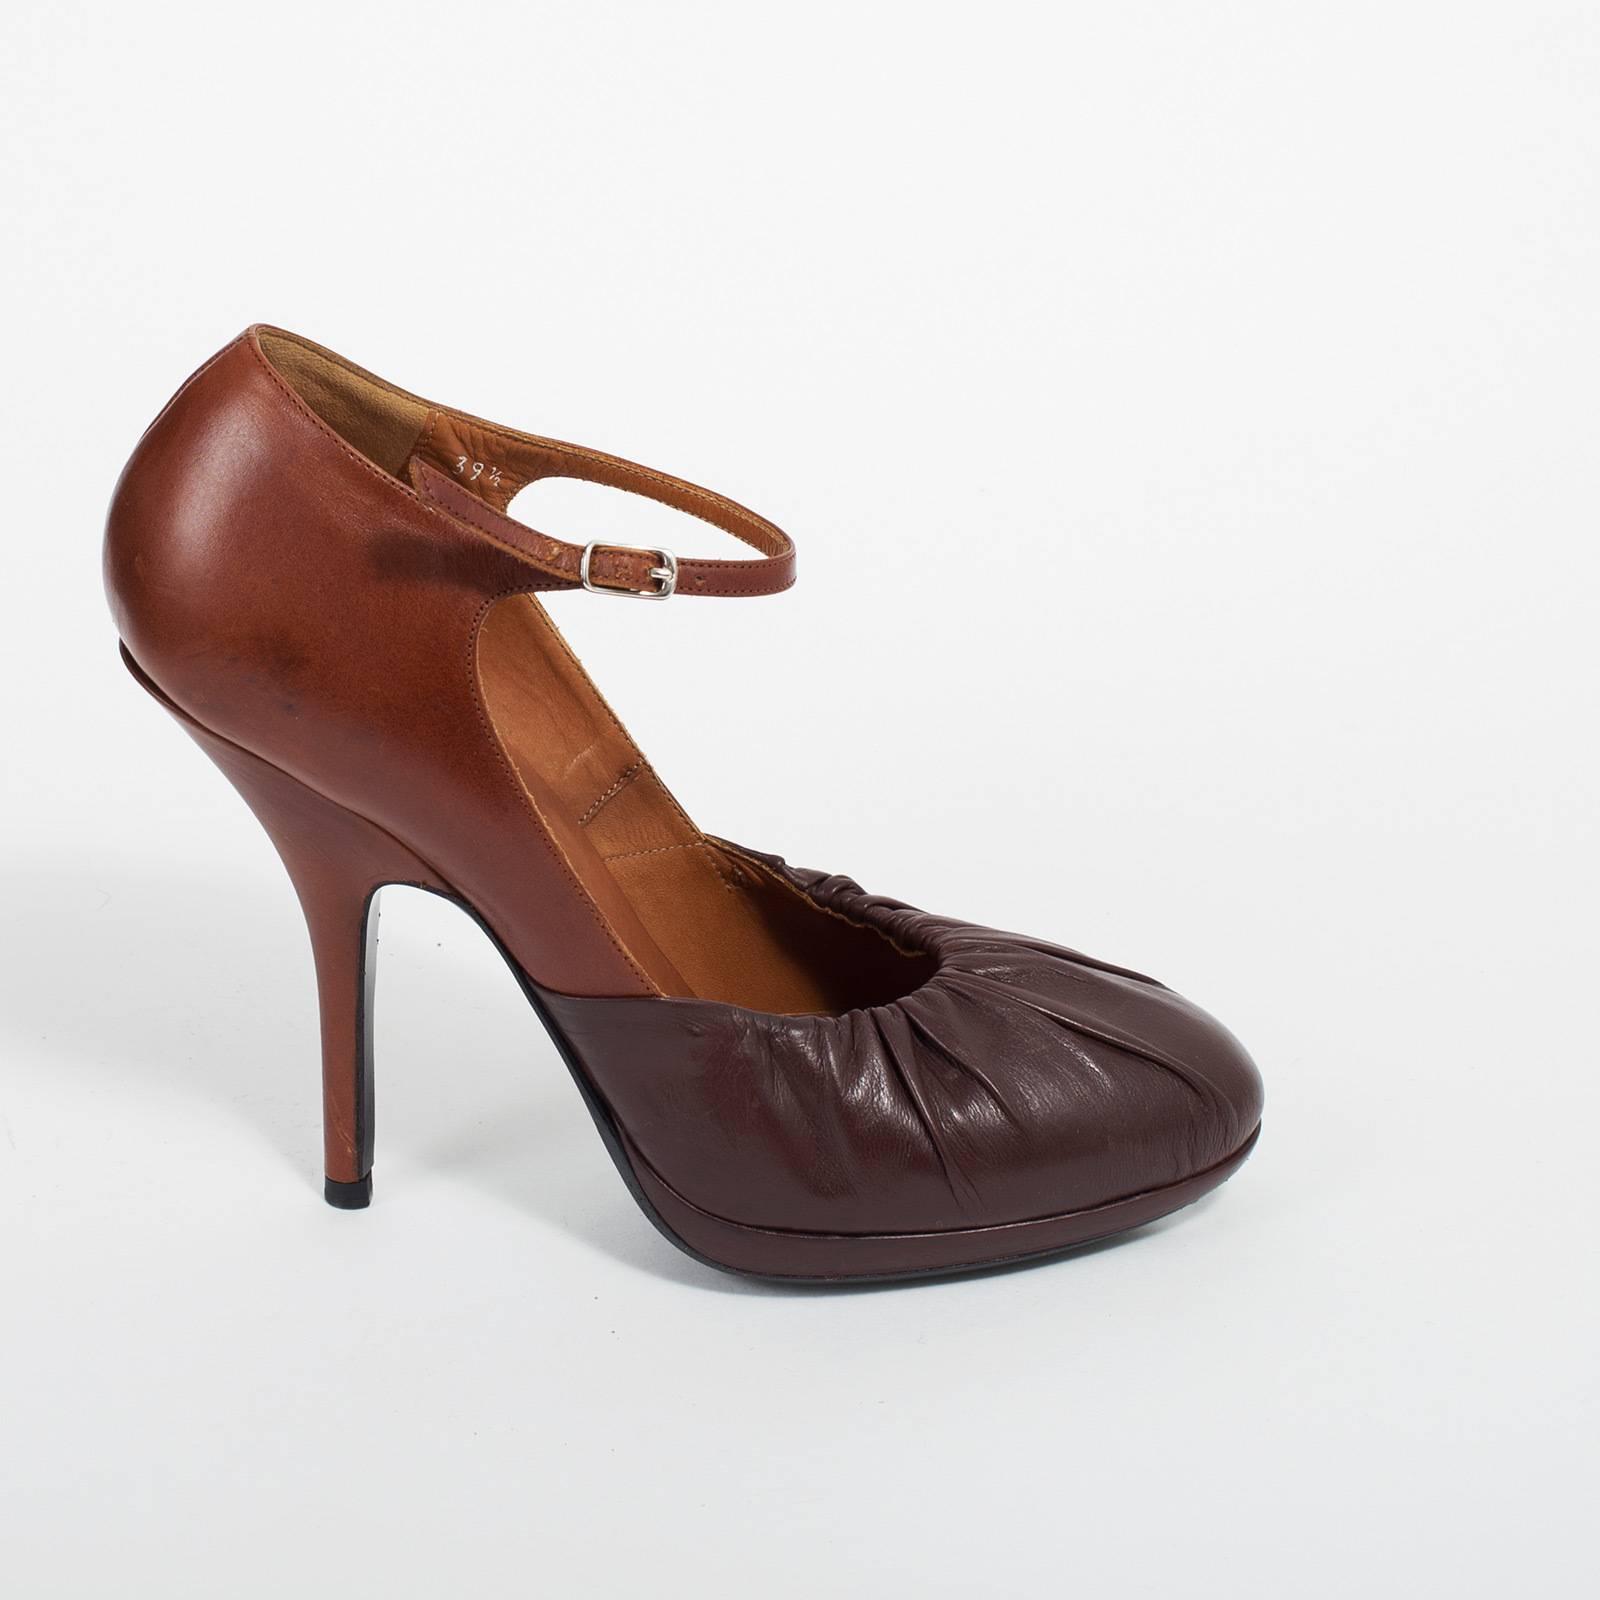 d88d01d5900b Купить туфли Dries Van Noten в Москве с доставкой по цене 7200 ...